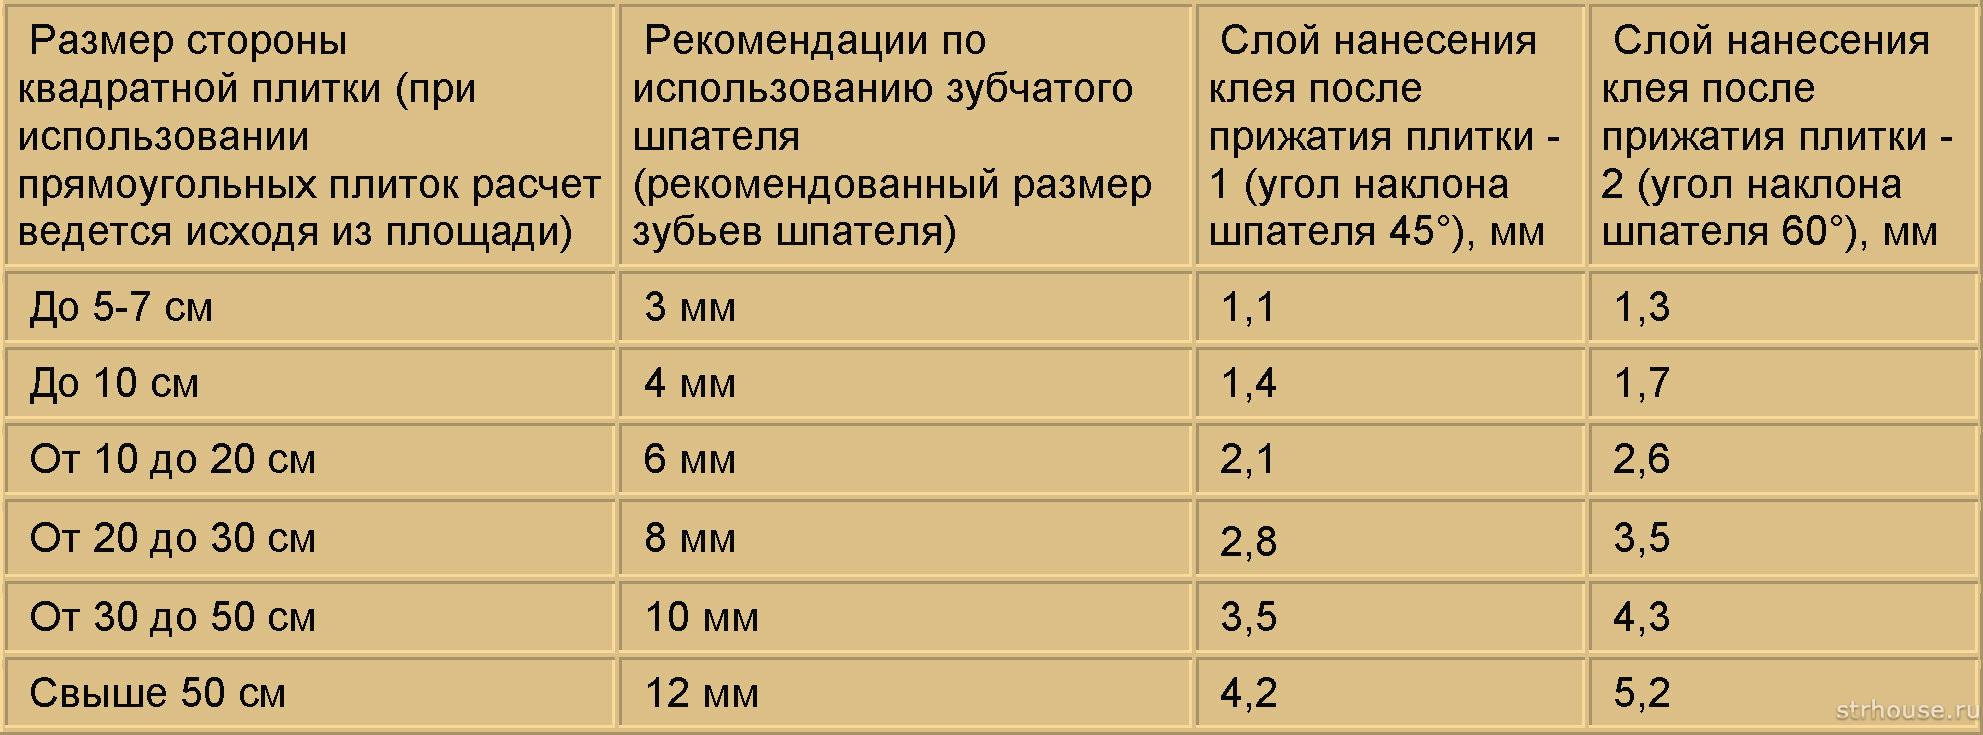 Таблица выбора зубчатого шпателя